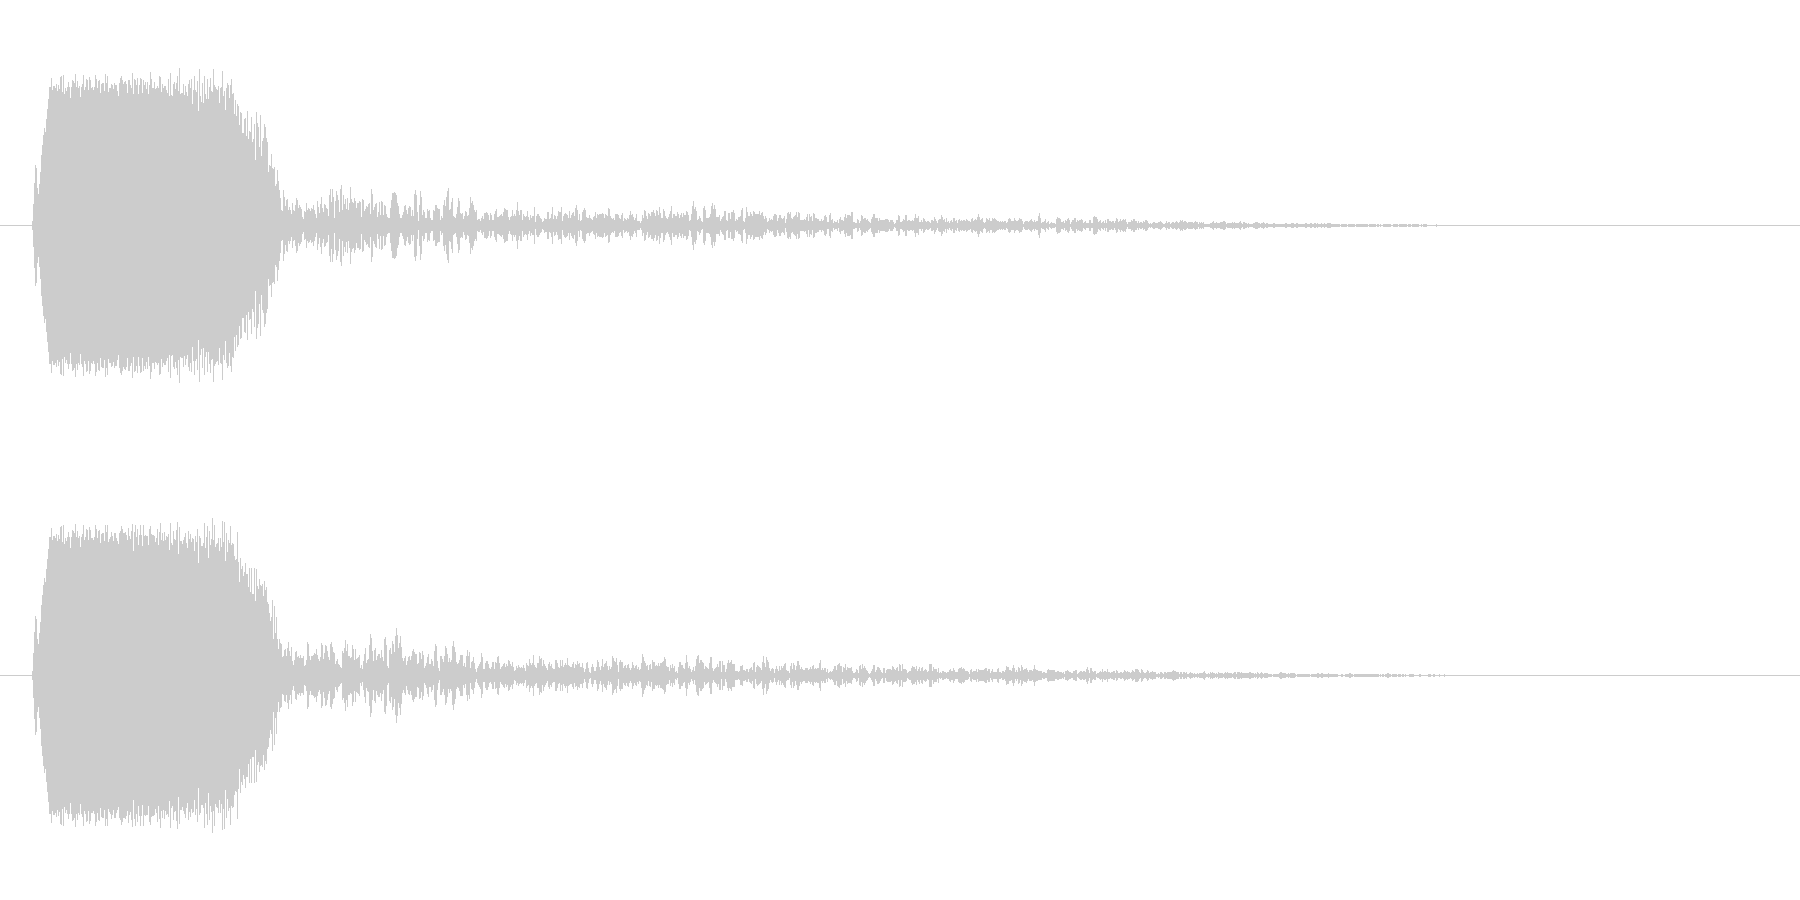 チュン!(シンプルに鳴く小鳥の声)の未再生の波形